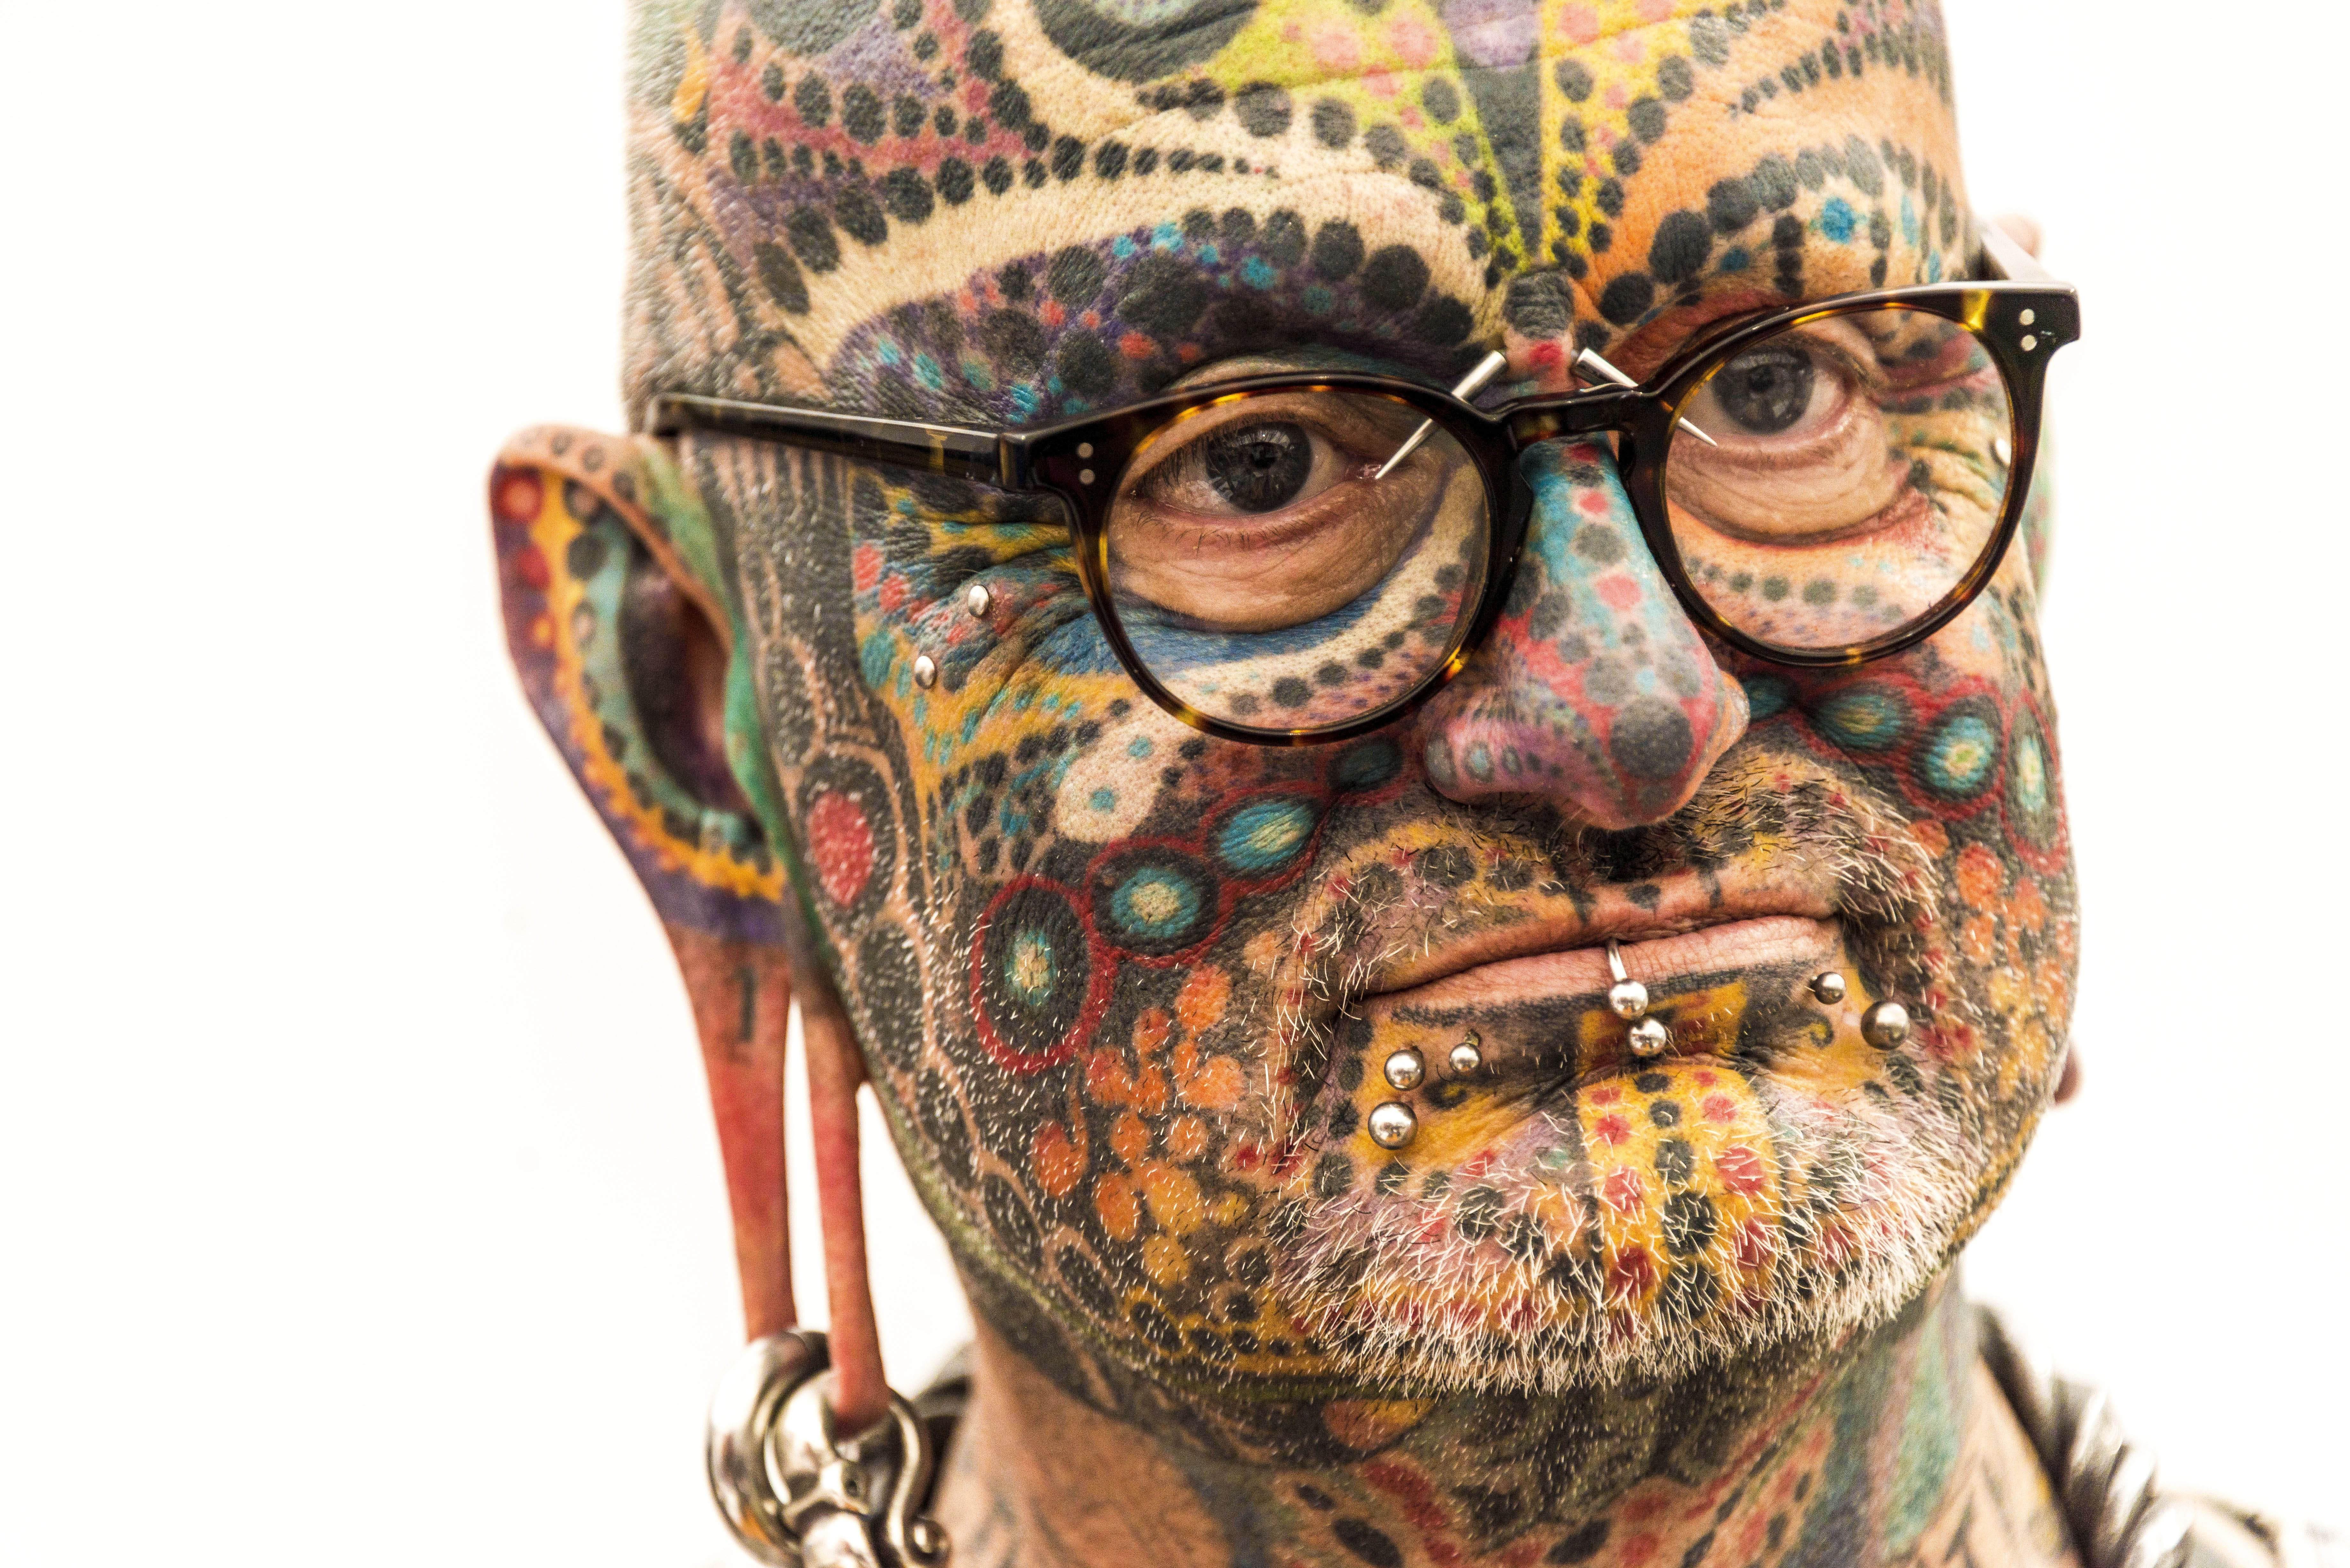 Un assistent a la jornada inaugural de la tercera edició del Traditional Tattoo & World Culture Festival celebrat a Calvià. /CATI CLADERA